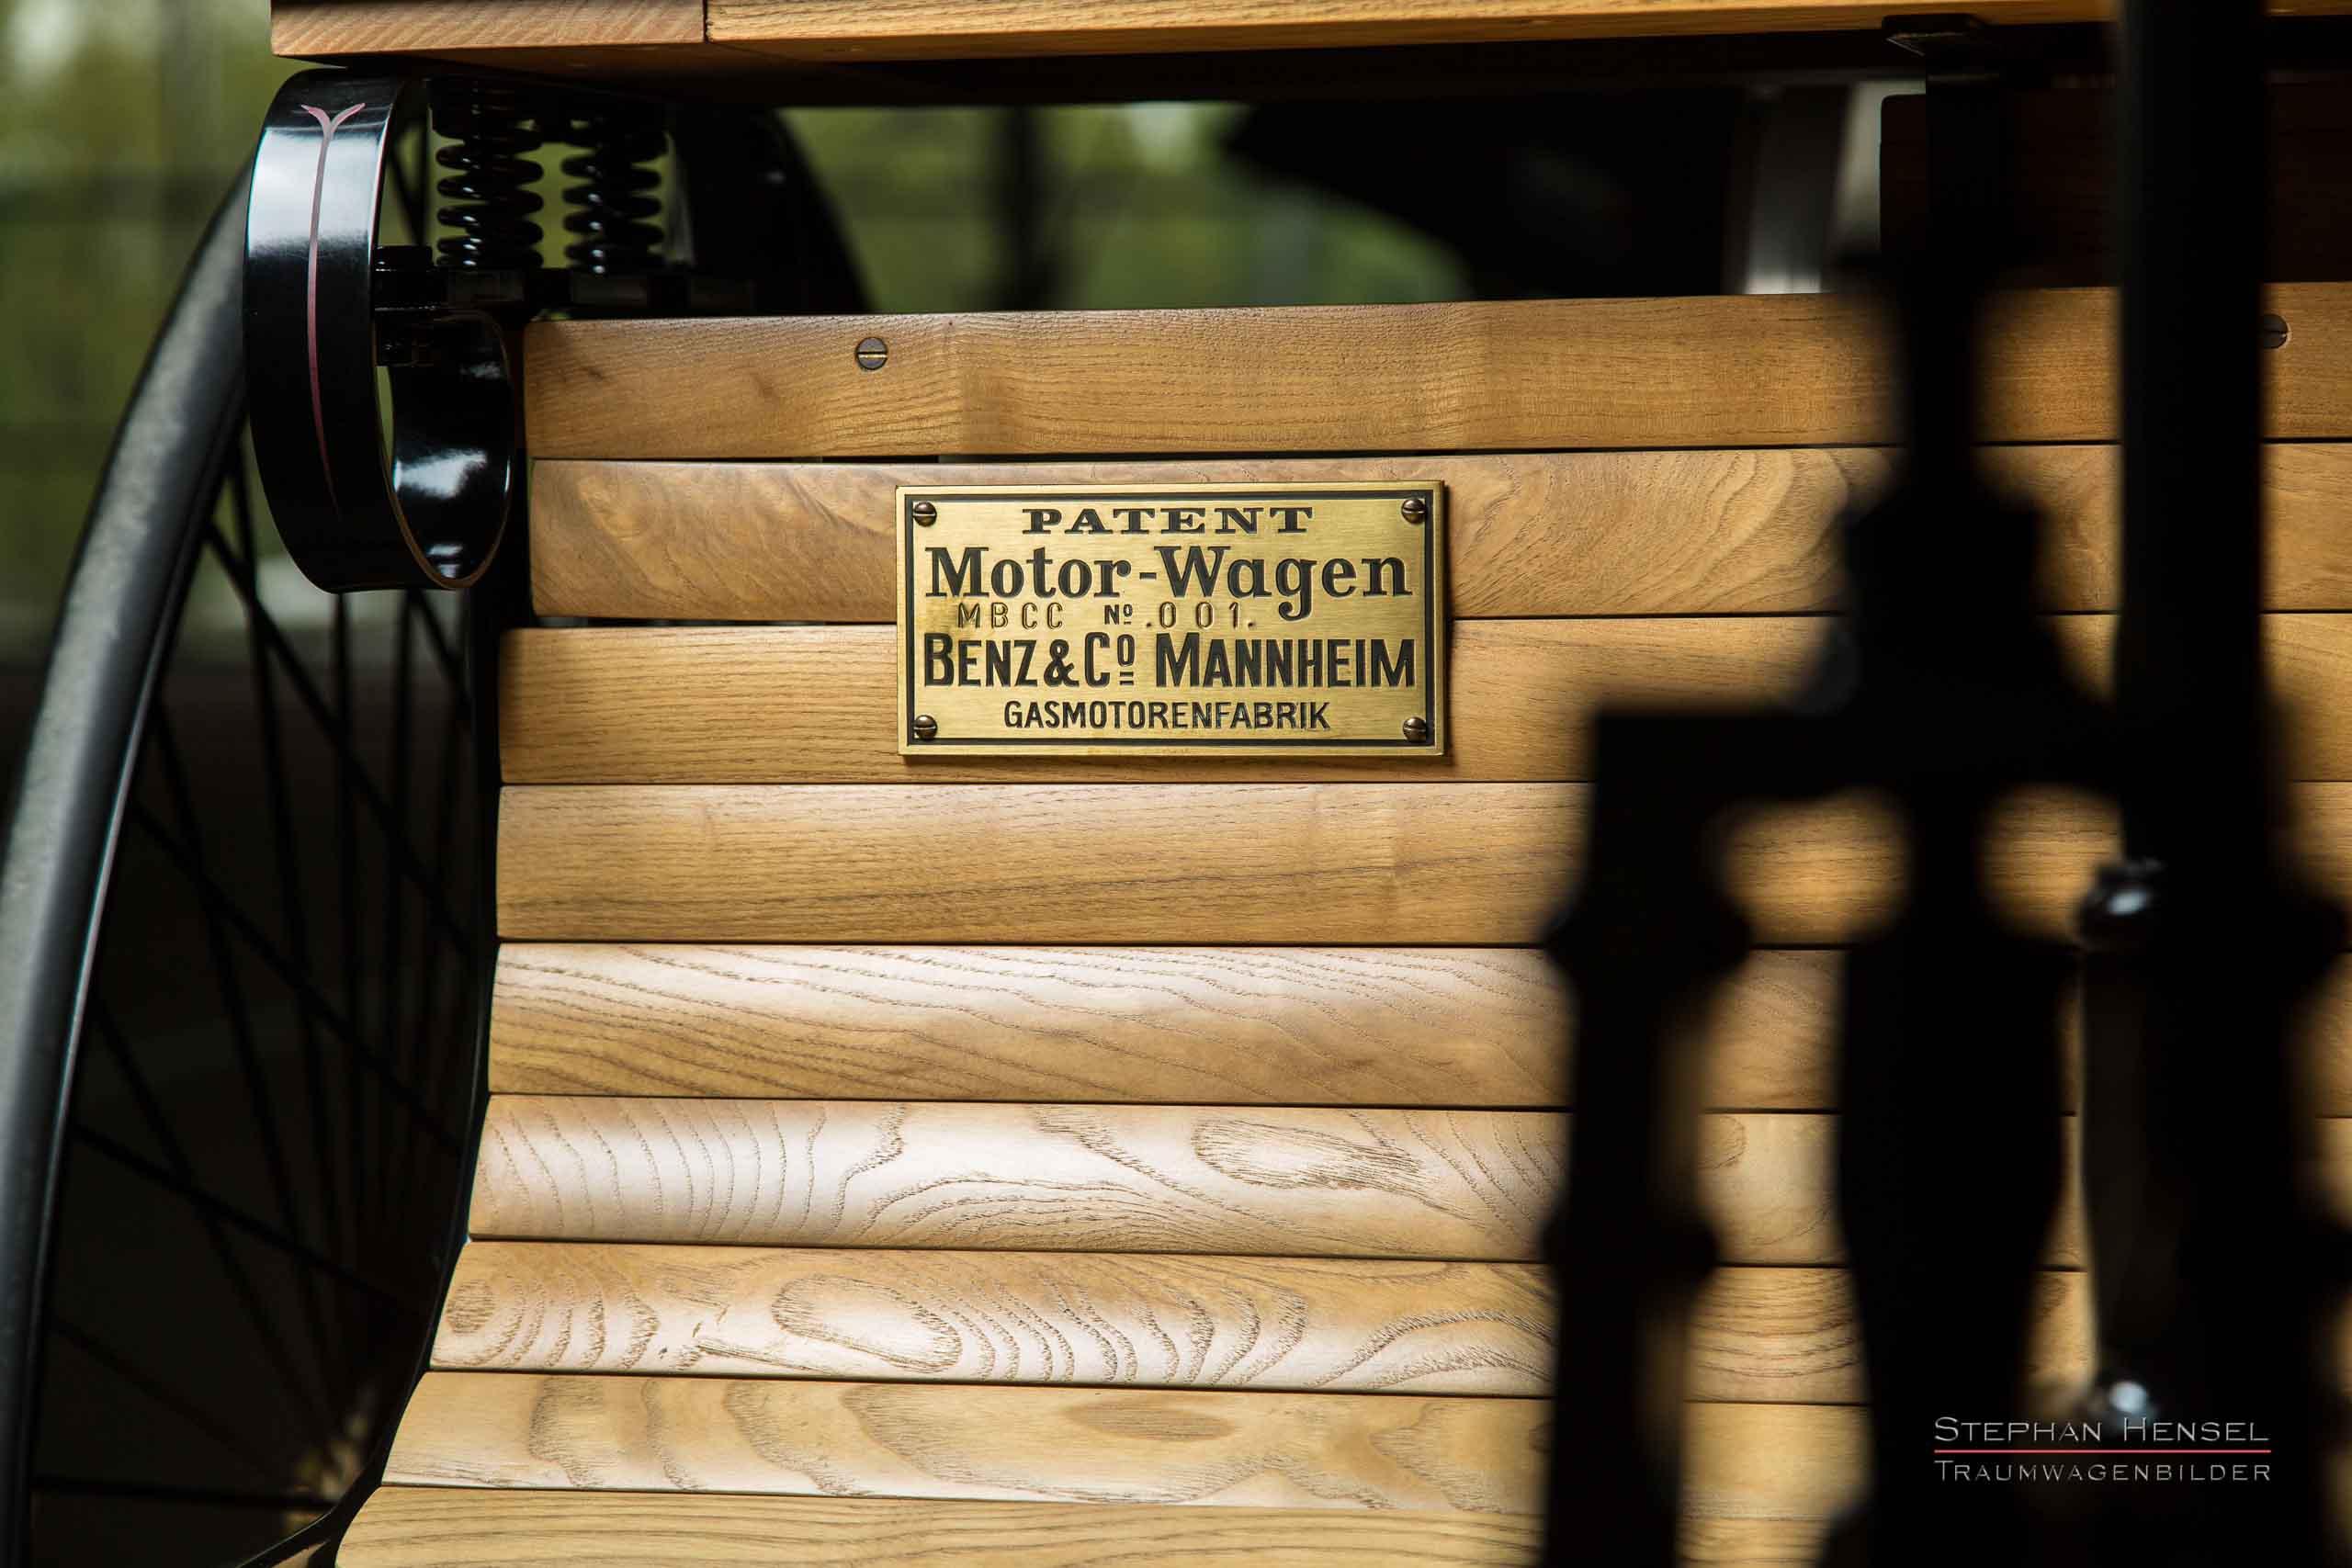 Benz Patent-Motorwagen Nr.1, Das erste Automobil, Detailansicht Typenschild, Oldtimerfotografie: Stephan Hensel, Hamburg, Oldtimerfotograf, Oldtimer, Oldtimerfotografie